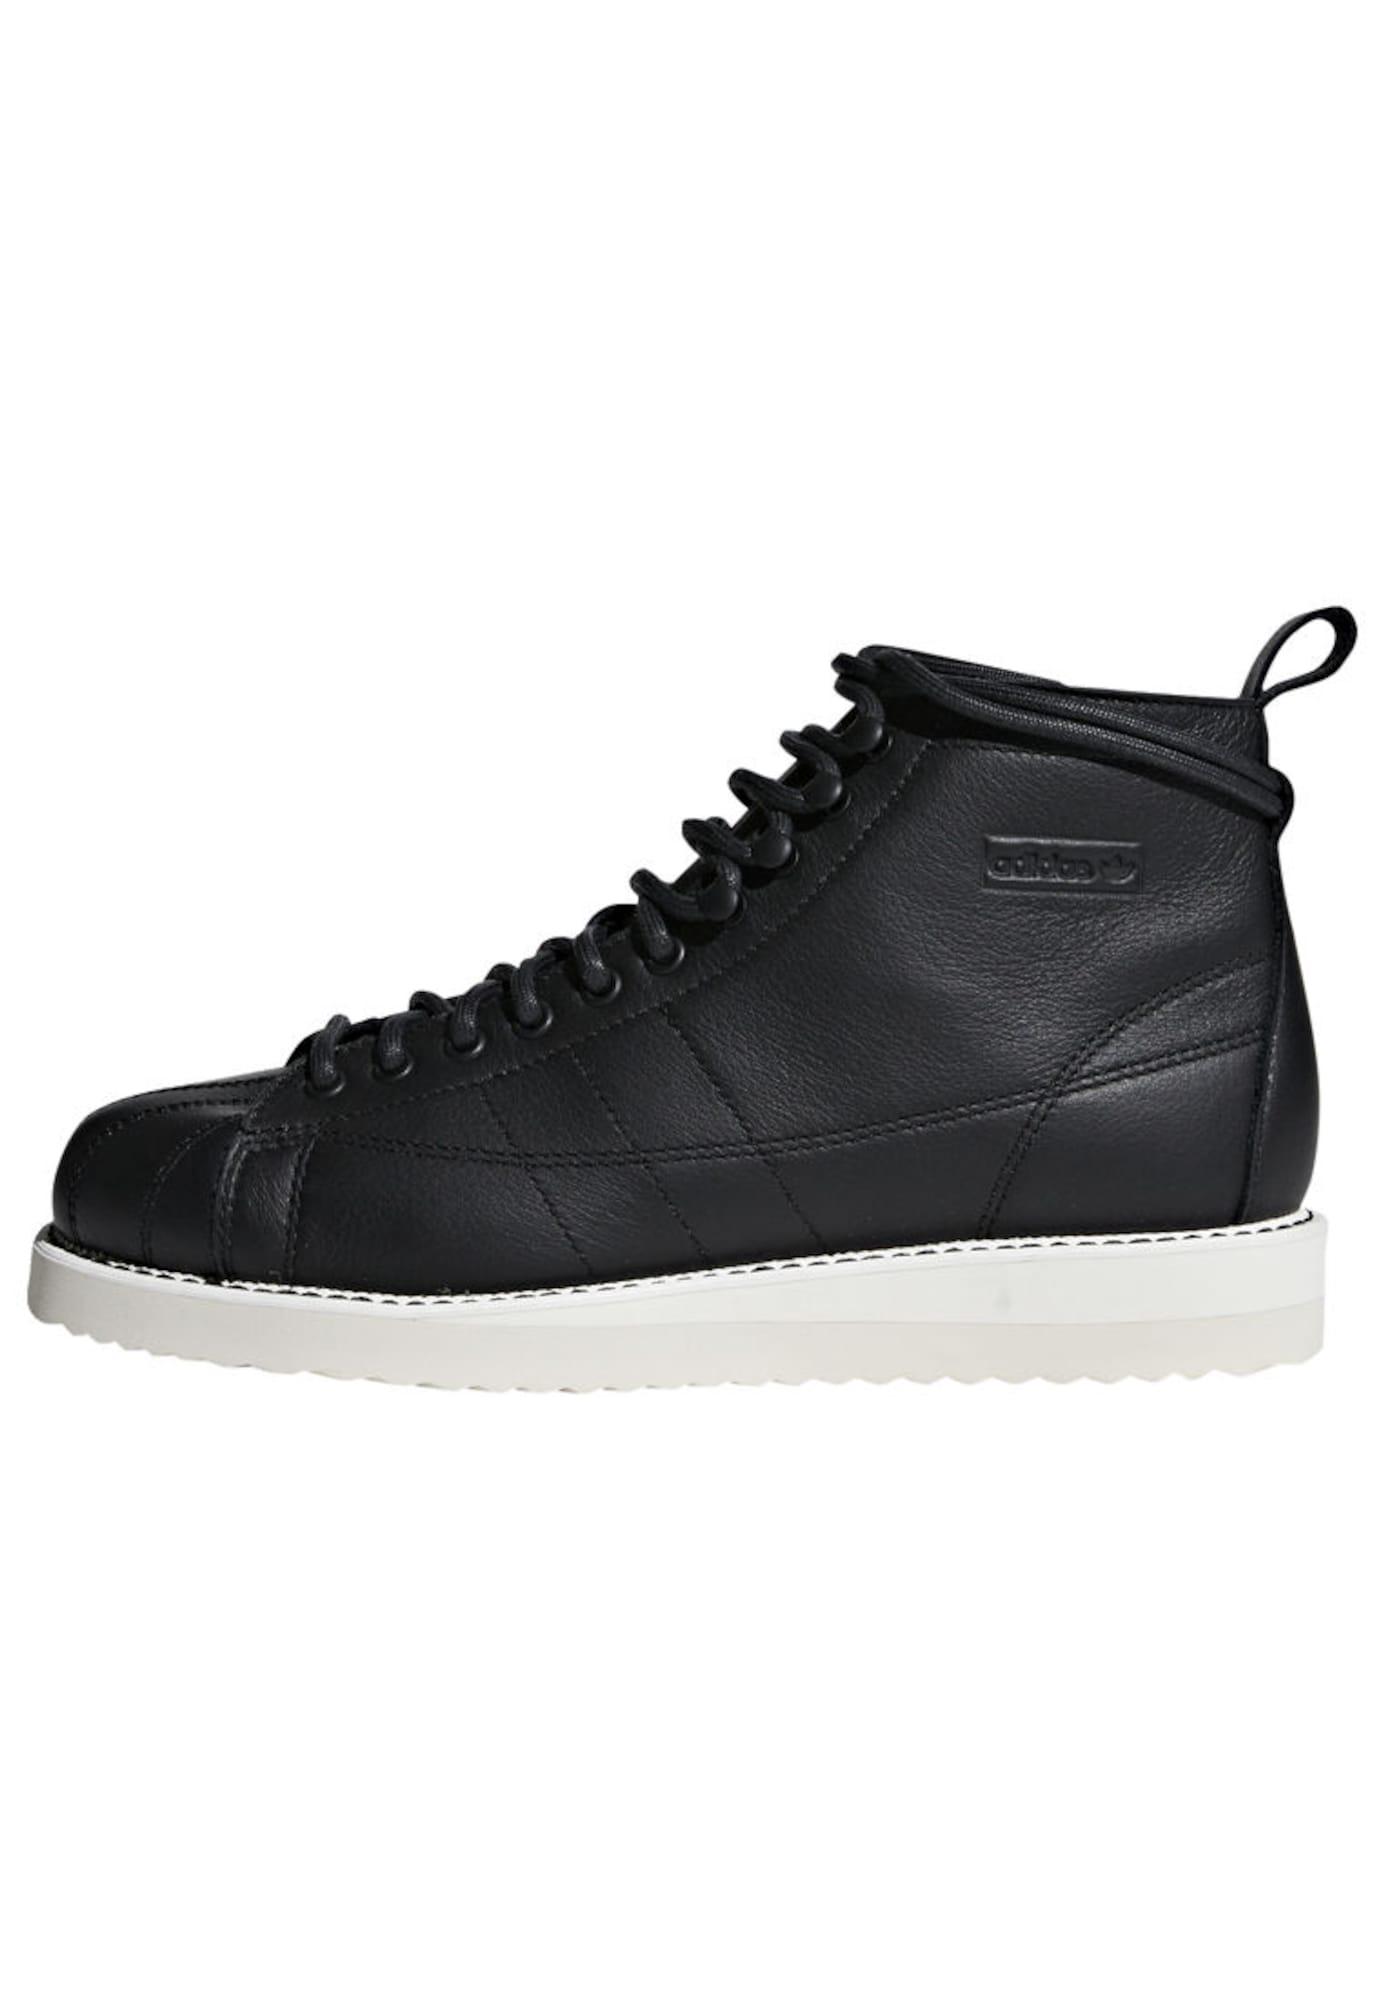 ADIDAS ORIGINALS, Dames Sneakers hoog 'Superstar Boot W', zwart / wit